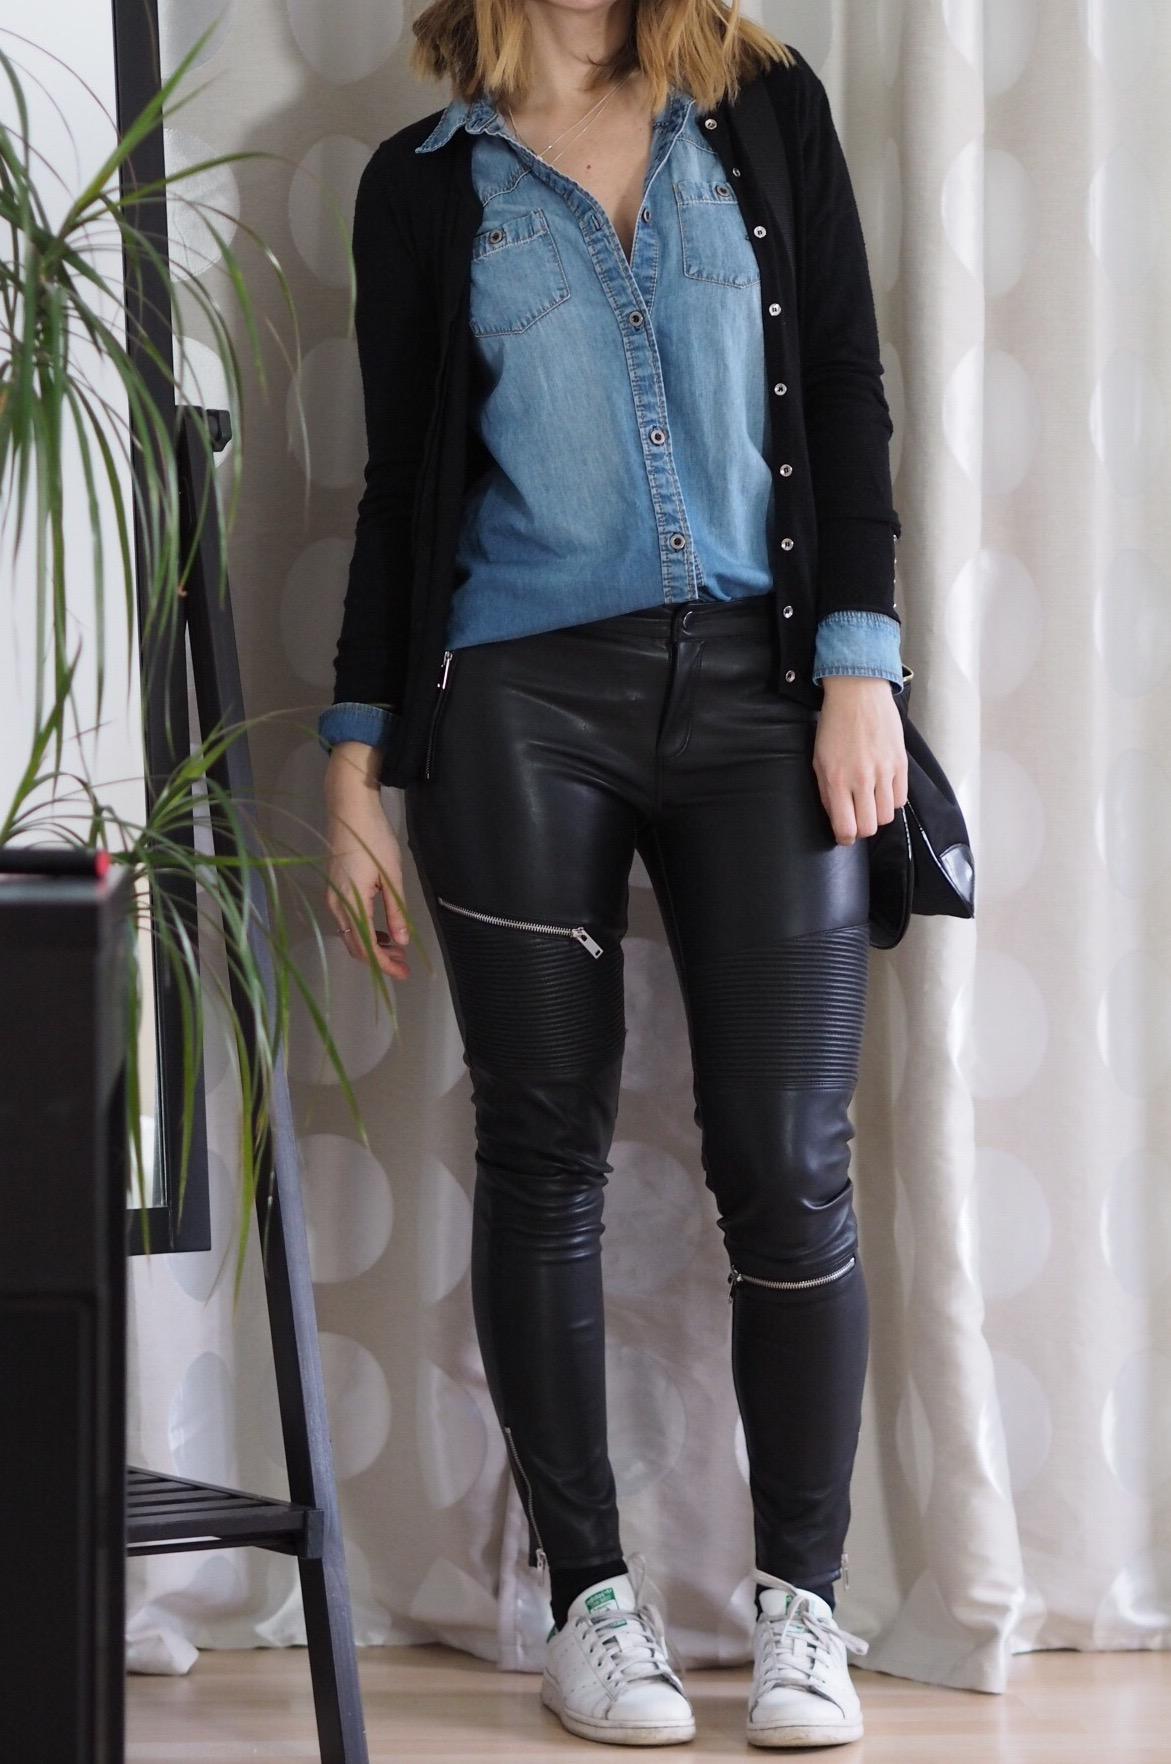 Outfit Modeblogger Zara Lederhose Jeanshemd Modeblogger